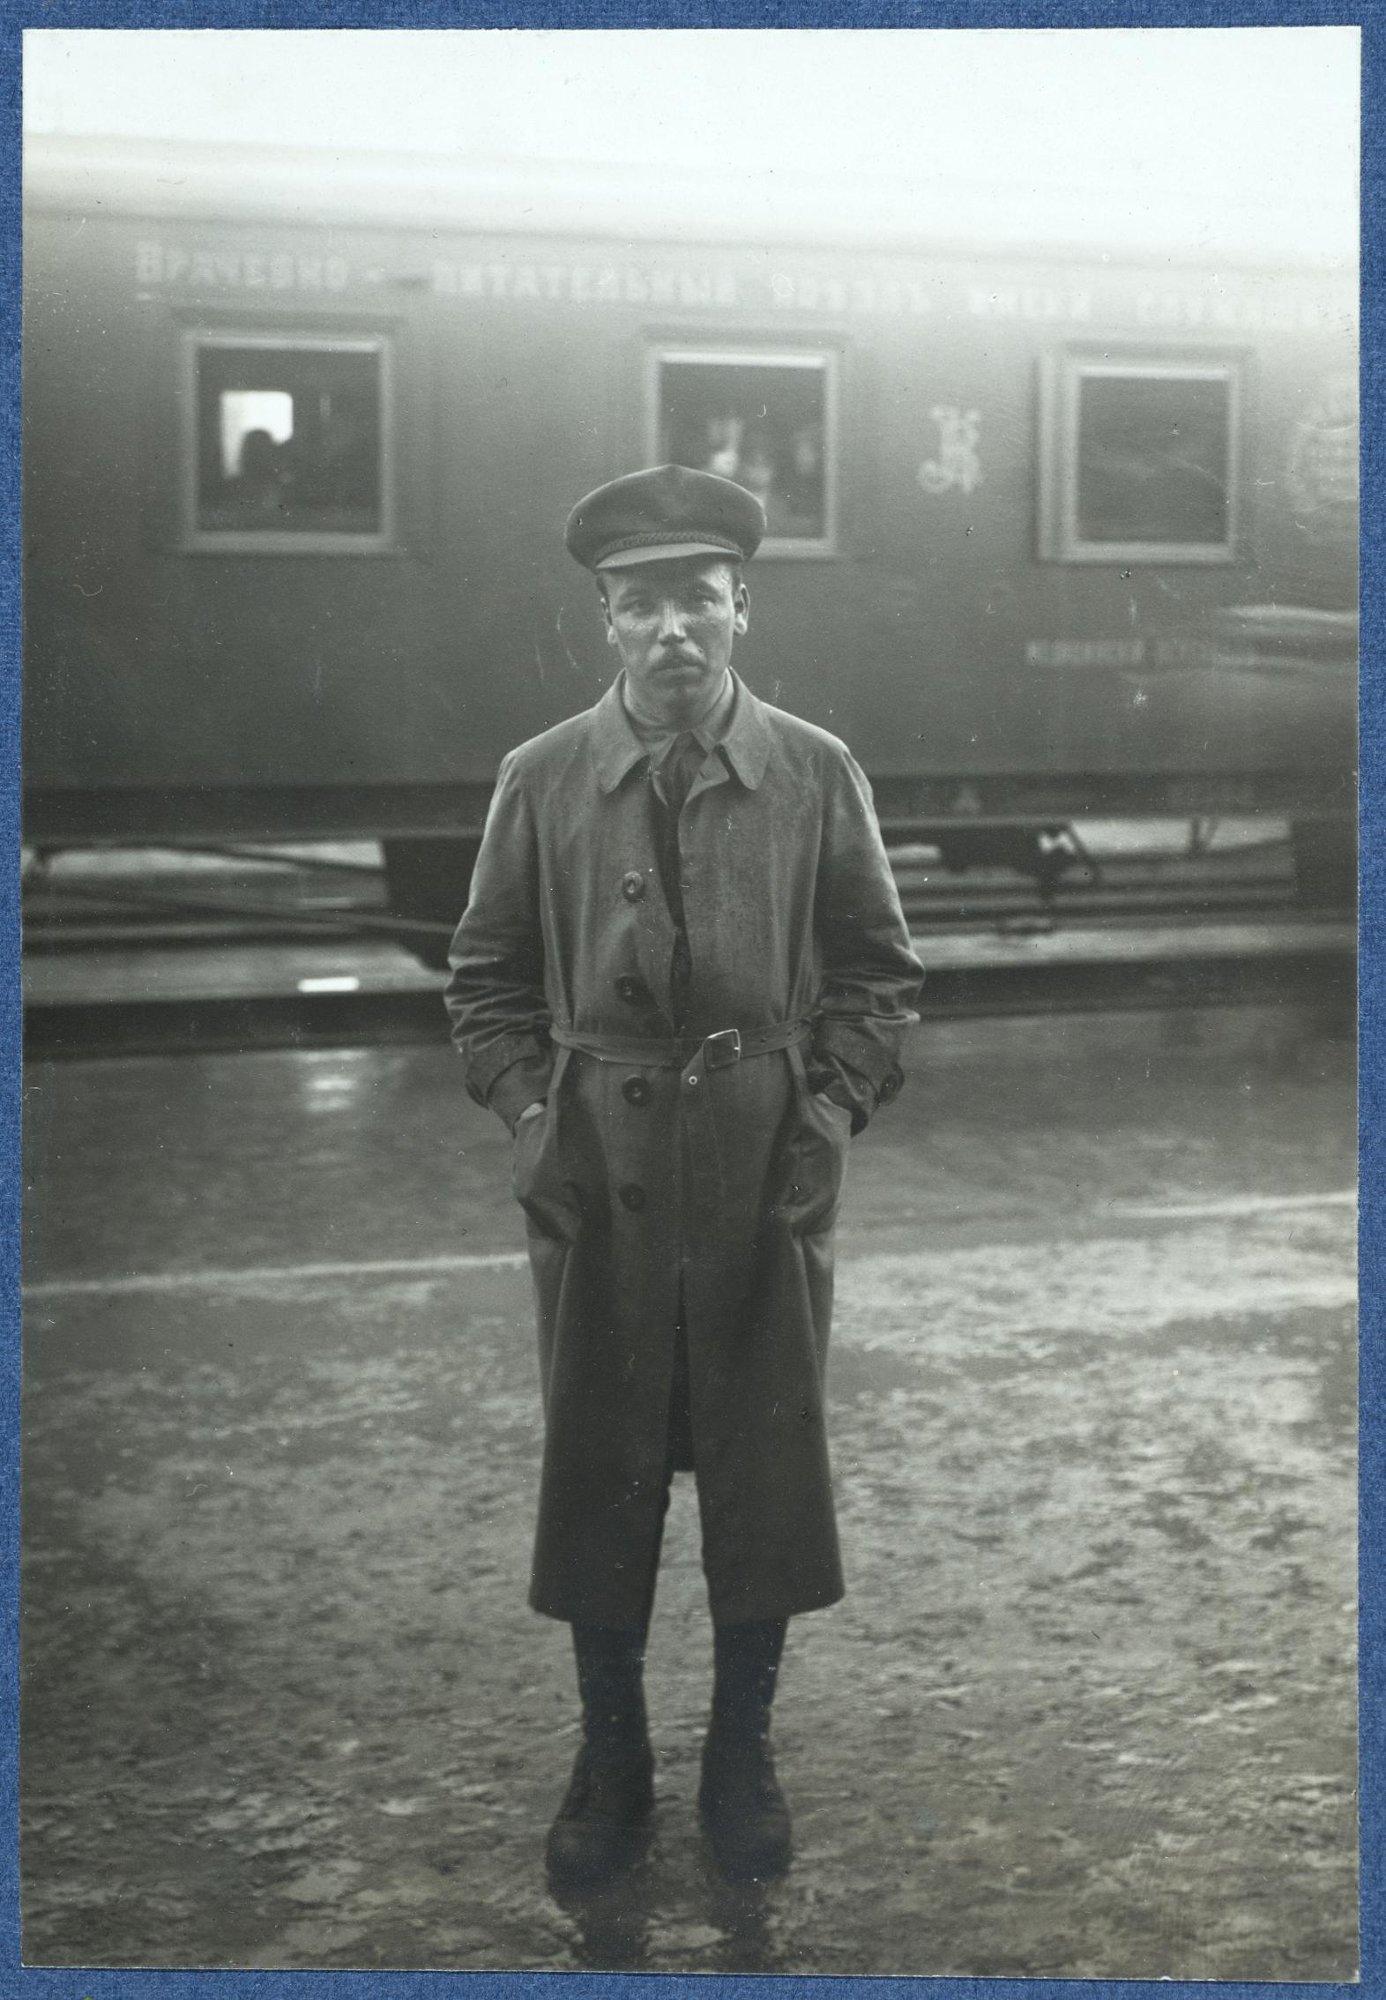 Уполномоченный Комитета, заведующий поездом Кузнецов Н.Г. Харбин. 31 мая 1922